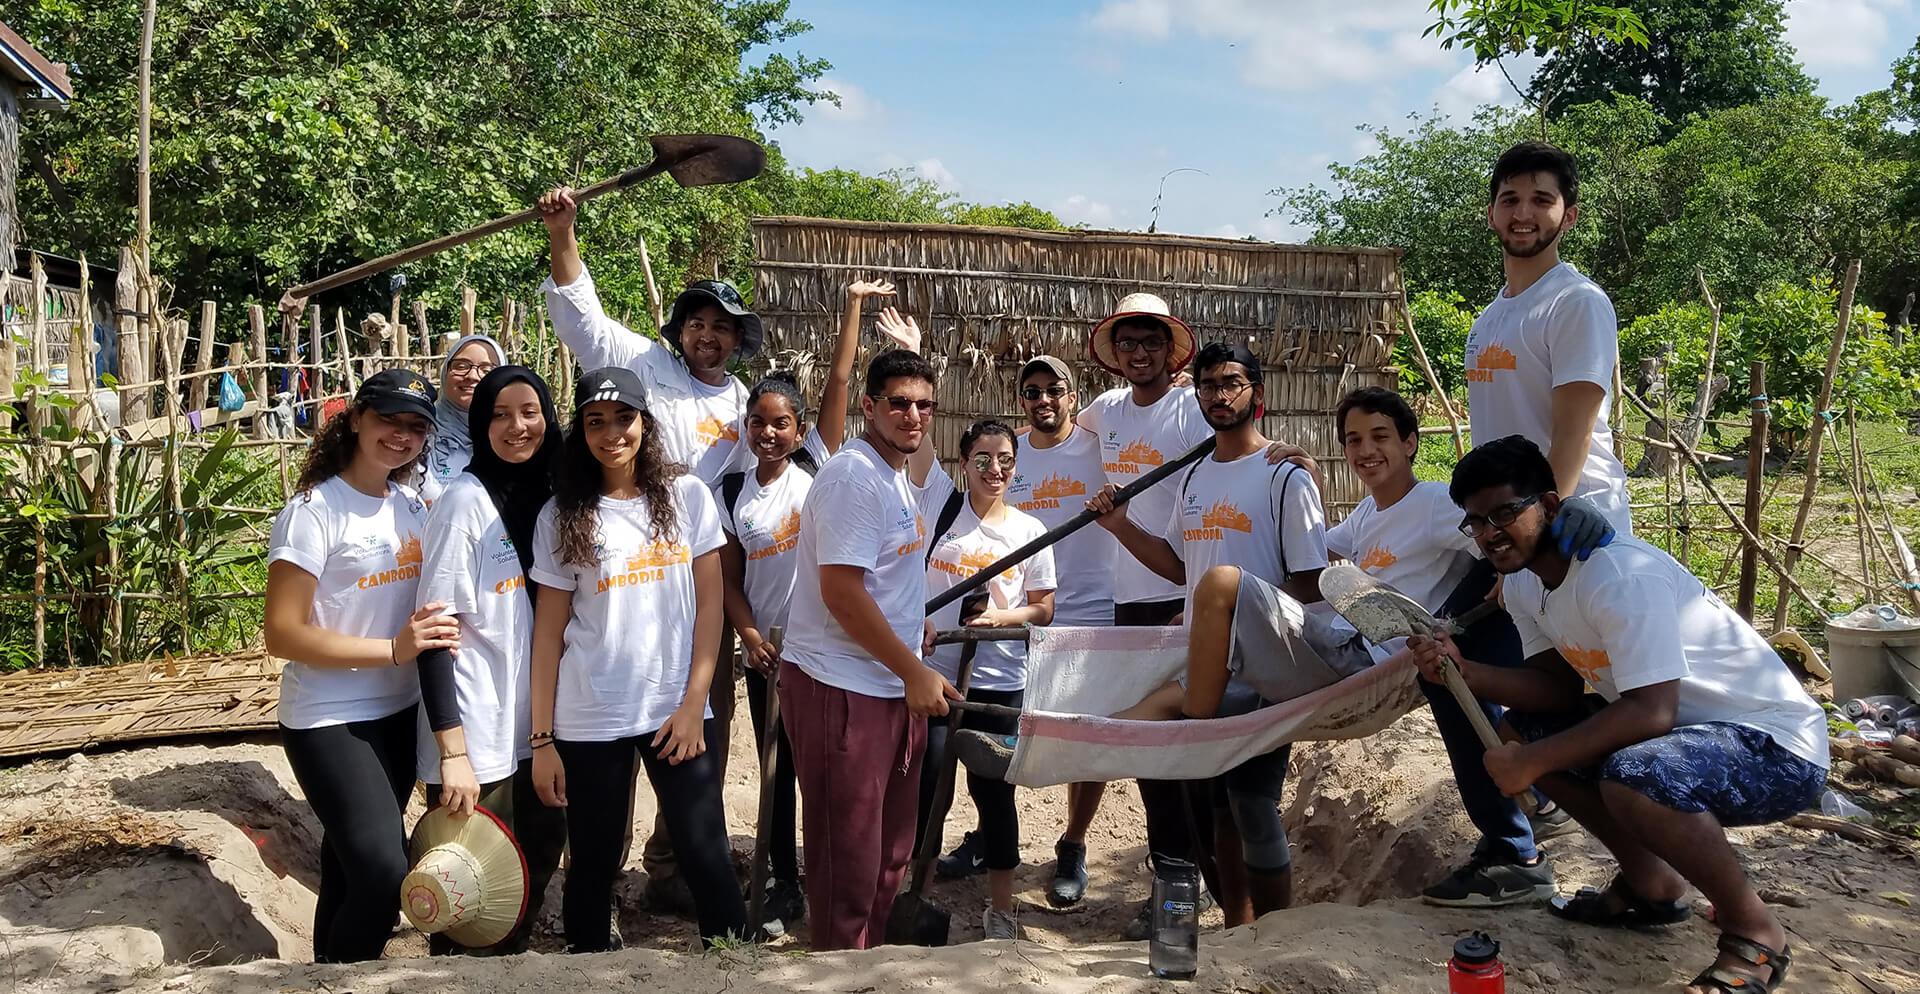 ¿En qué consisten las soluciones de voluntariado?